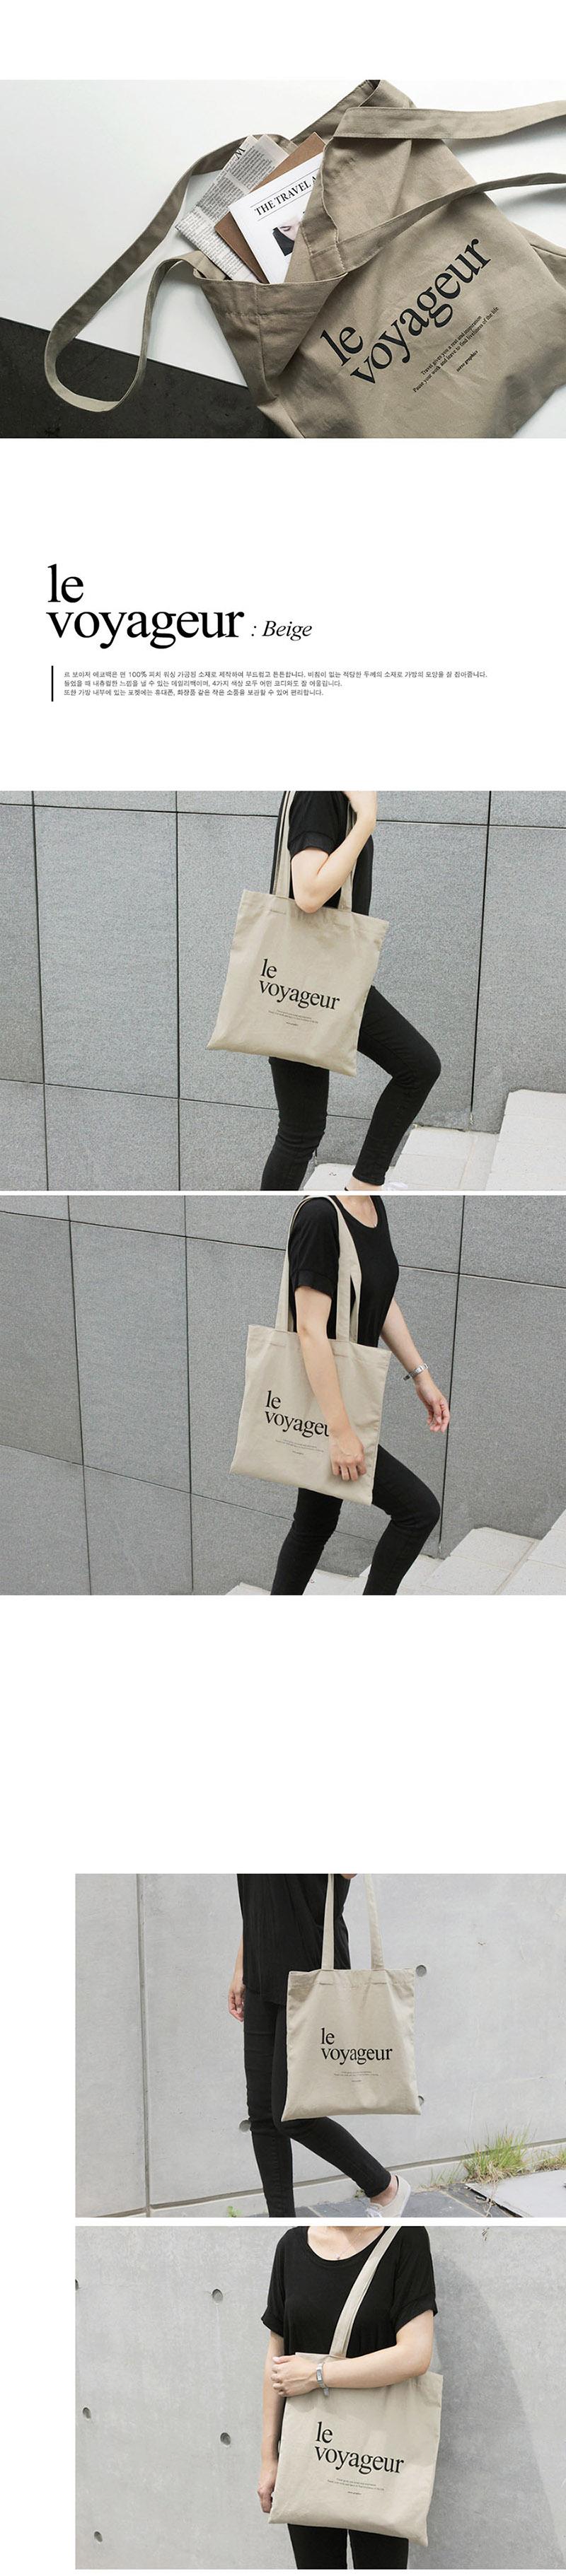 le voyageur_eco bag - BEIGE24,000원-시소패션잡화, 가방, 캔버스/에코백, 에코백바보사랑le voyageur_eco bag - BEIGE24,000원-시소패션잡화, 가방, 캔버스/에코백, 에코백바보사랑